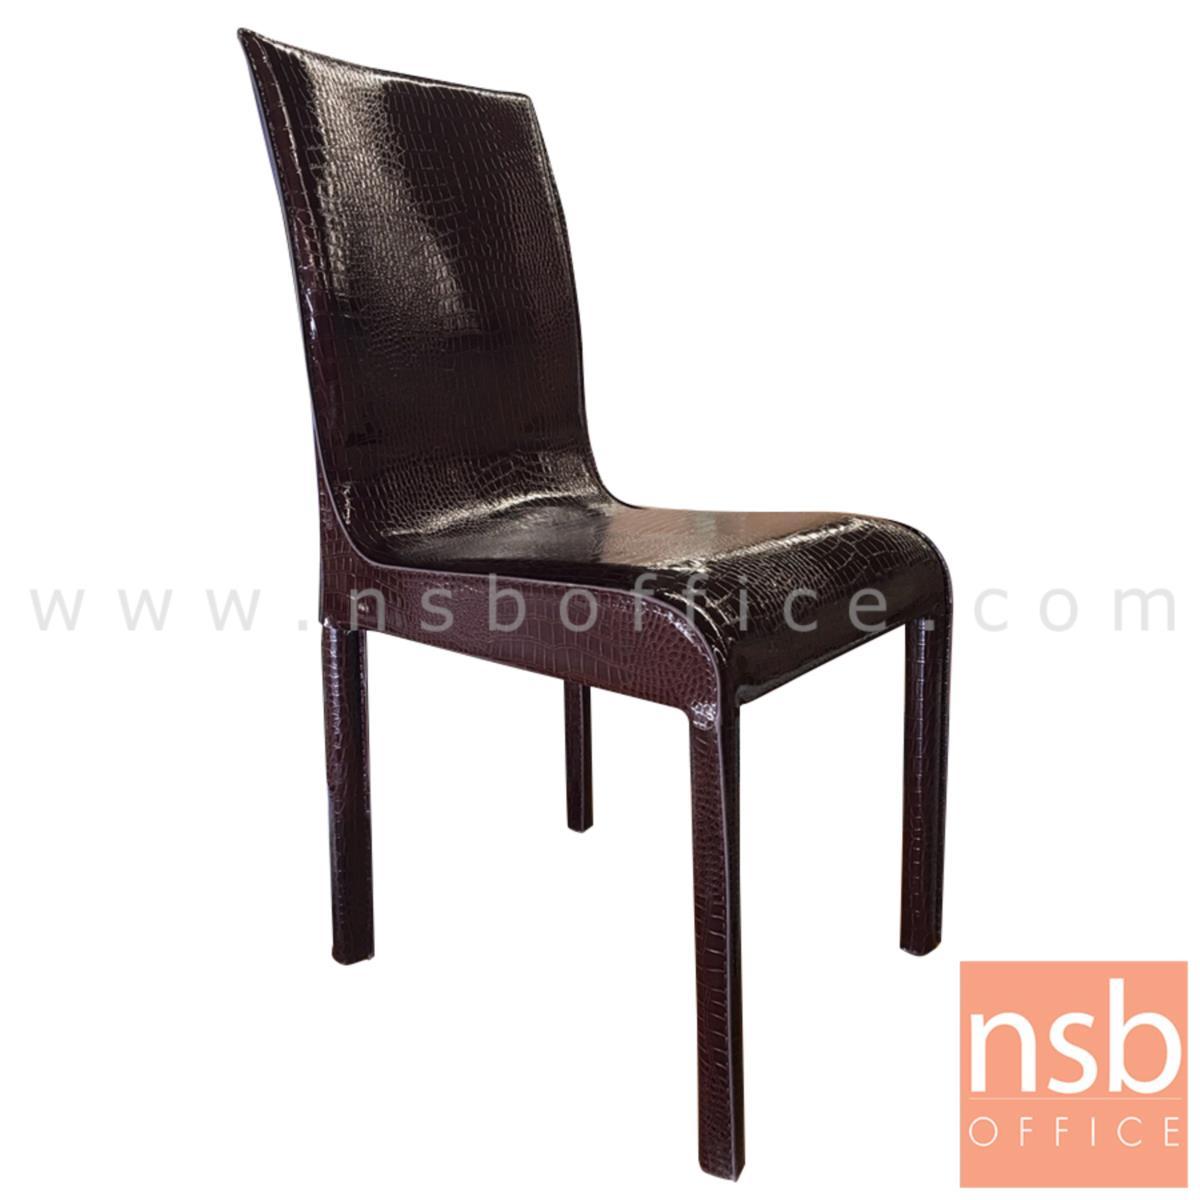 G14A092:เก้าอี้ไม้ที่นั่งหุ้มหนังเทียมเงา รุ่น DS-GEMV-A ขาไม้หุ้มหนังเทียมเงา